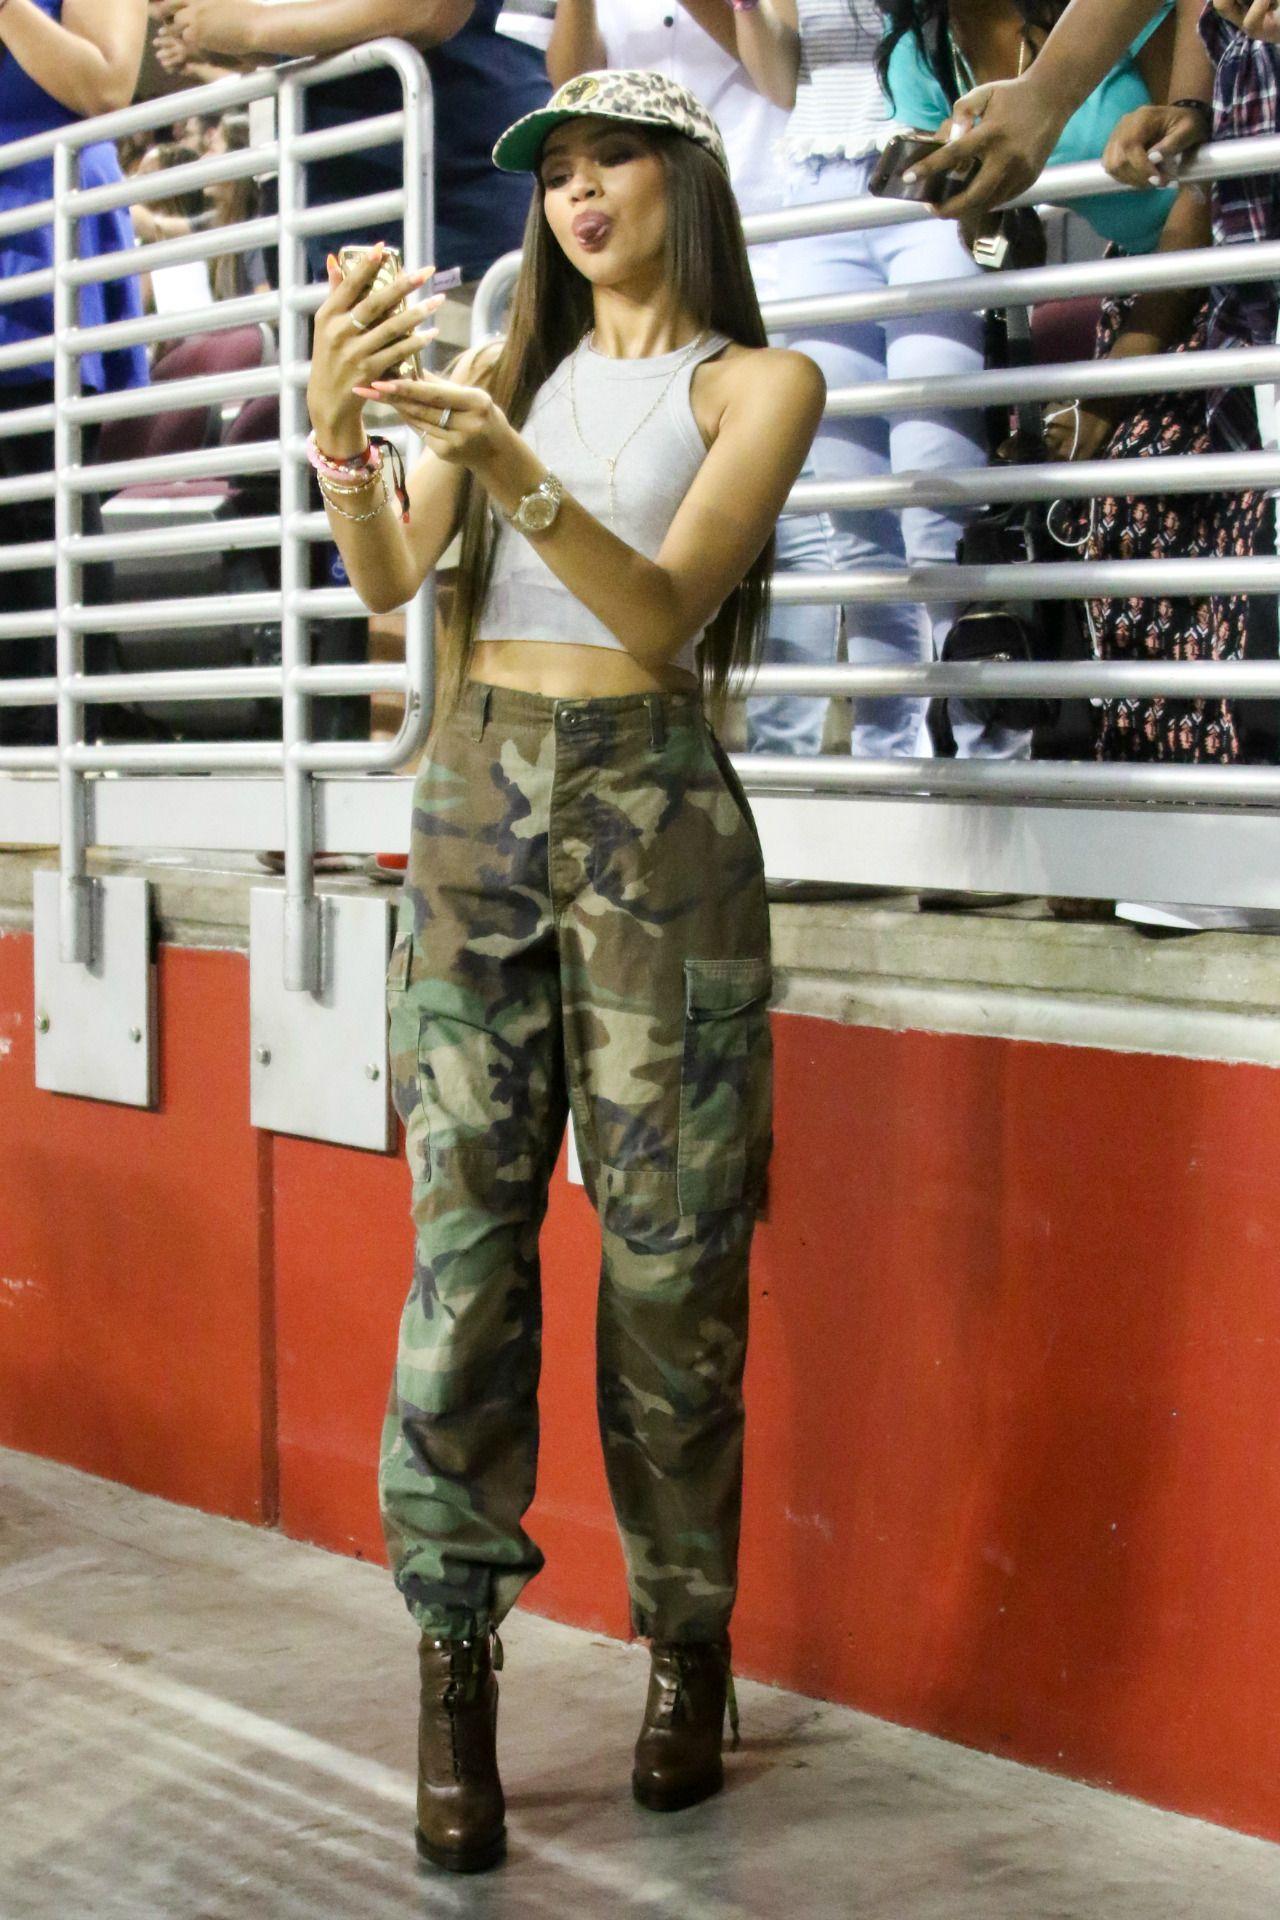 Best 25 Zendaya Clothes Ideas On Pinterest Zendaya Coleman Zendaya Style And Zendaya Hair